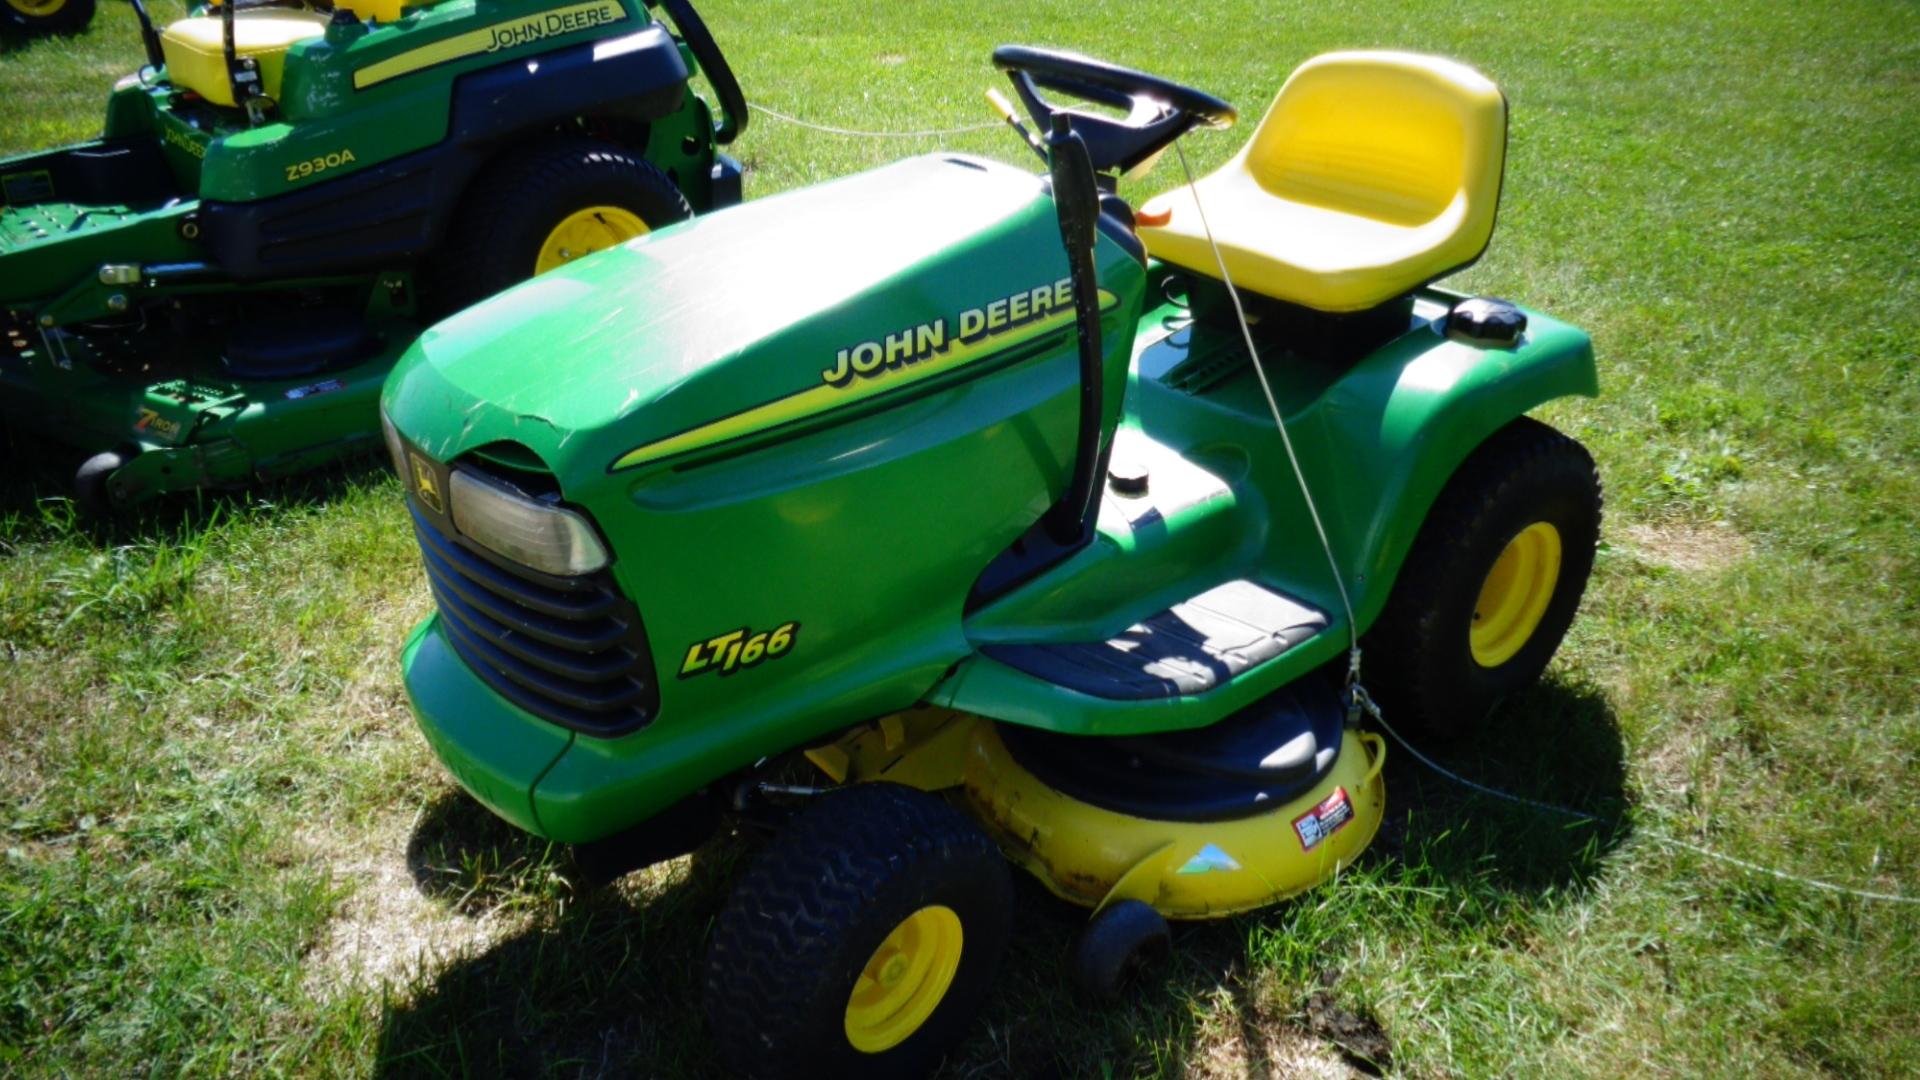 John Deere Lt166 Lawn Garden Tractors For Sale 62149